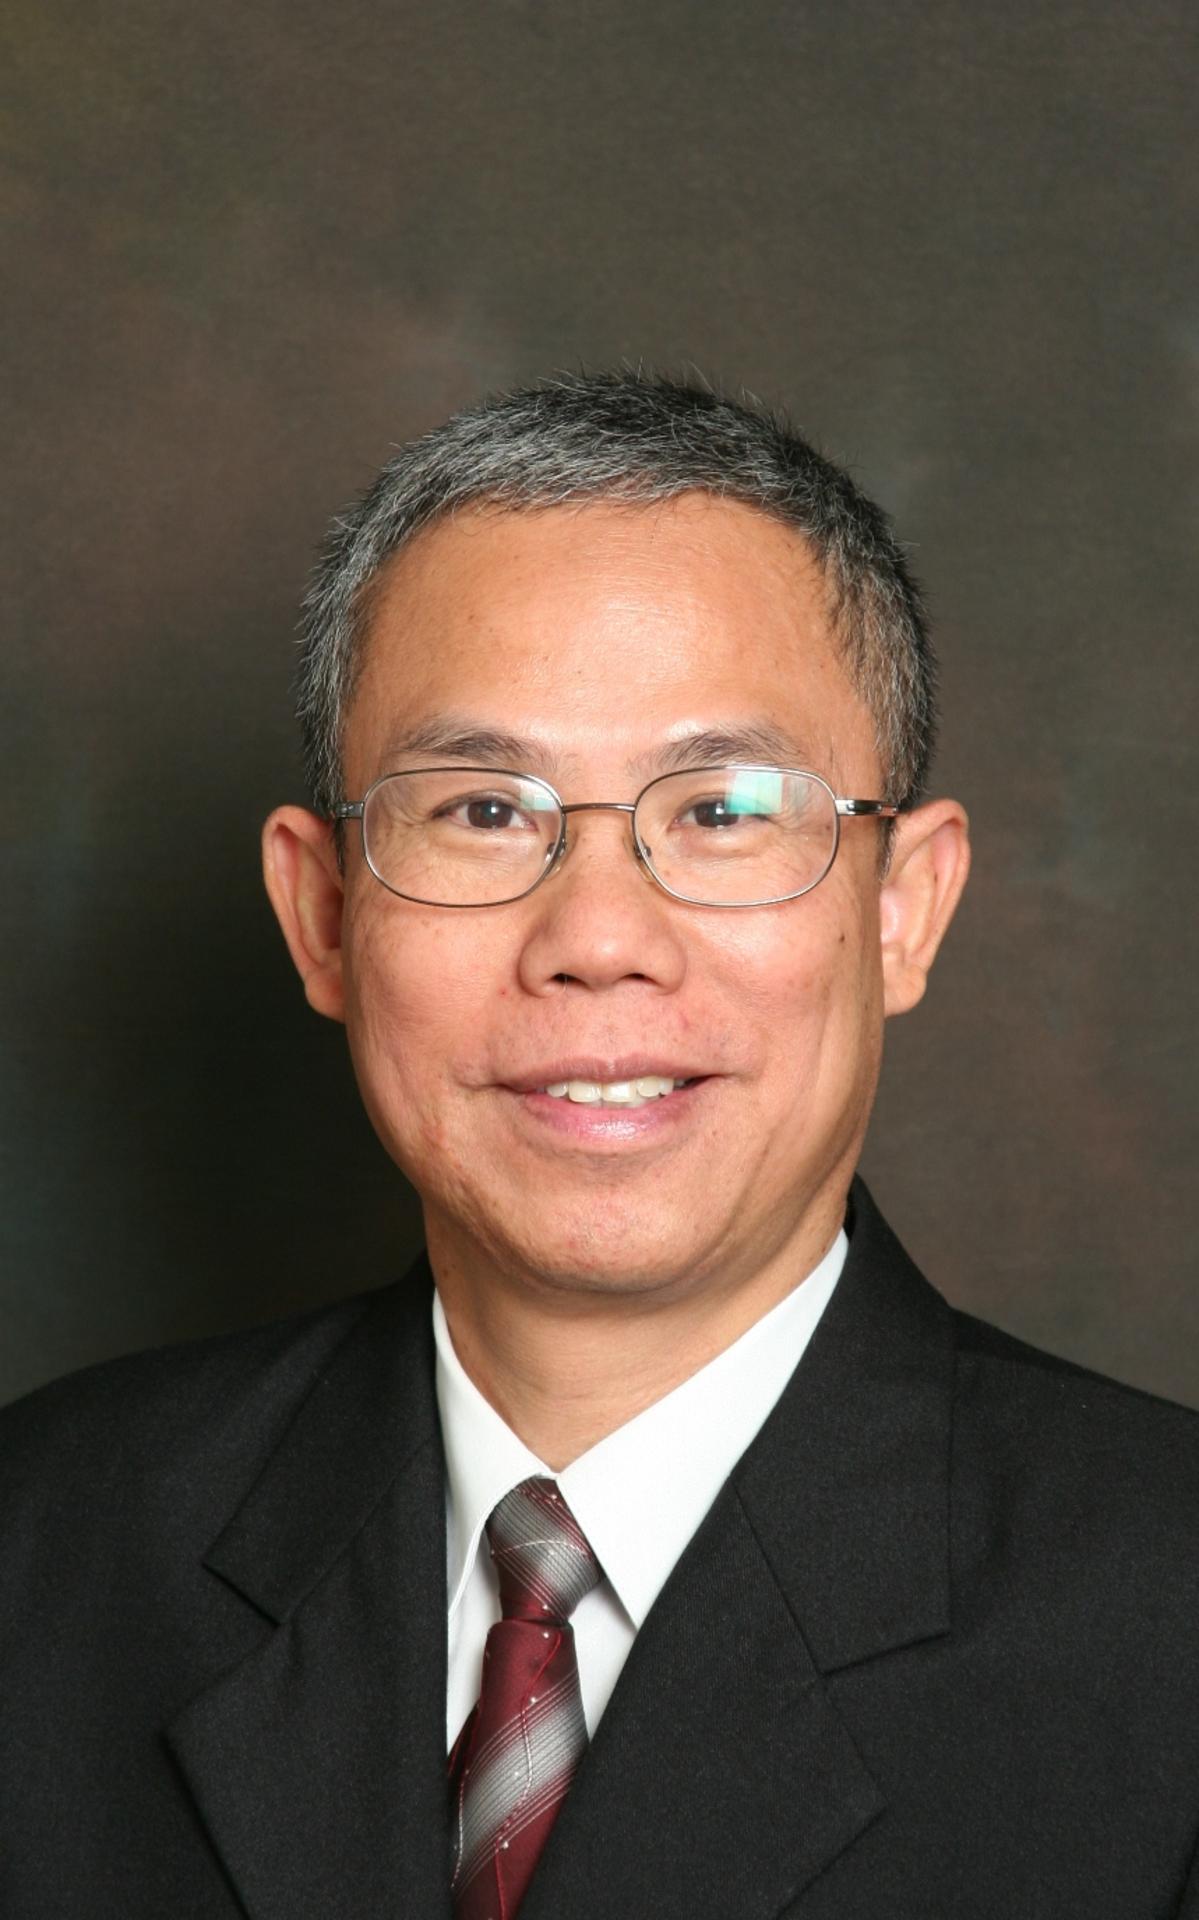 Elder Wisit Khanakham